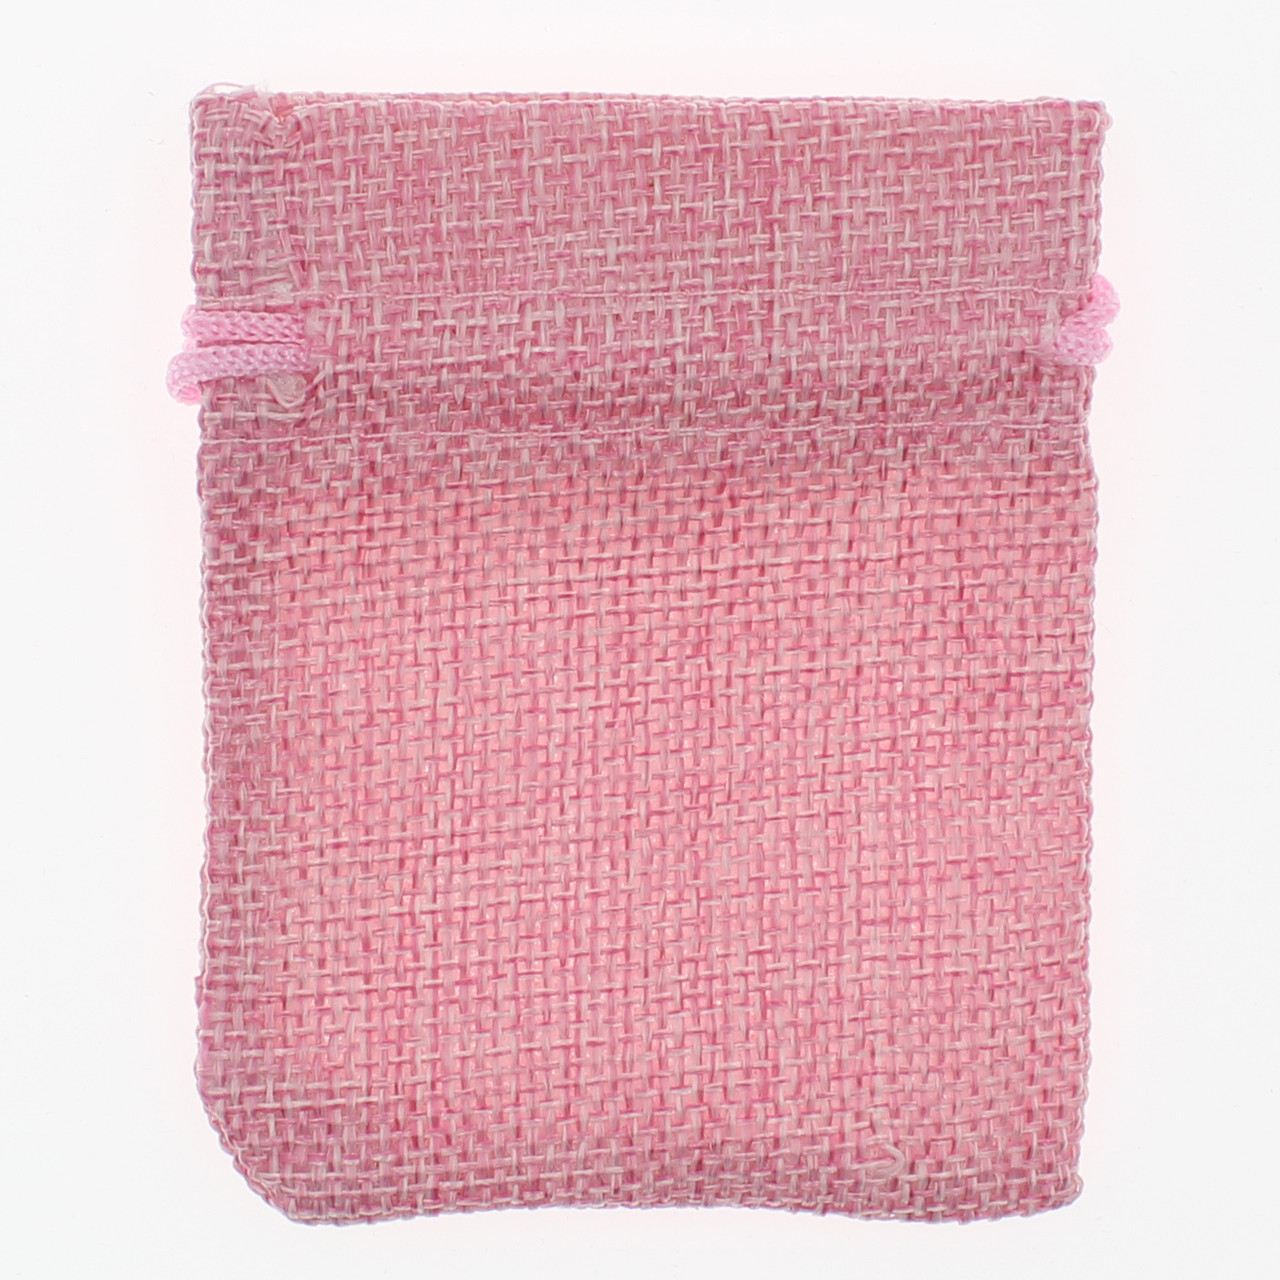 Мешочек подарочный Лён (тканевой) розовый однотонный 7/9 см 50 шт